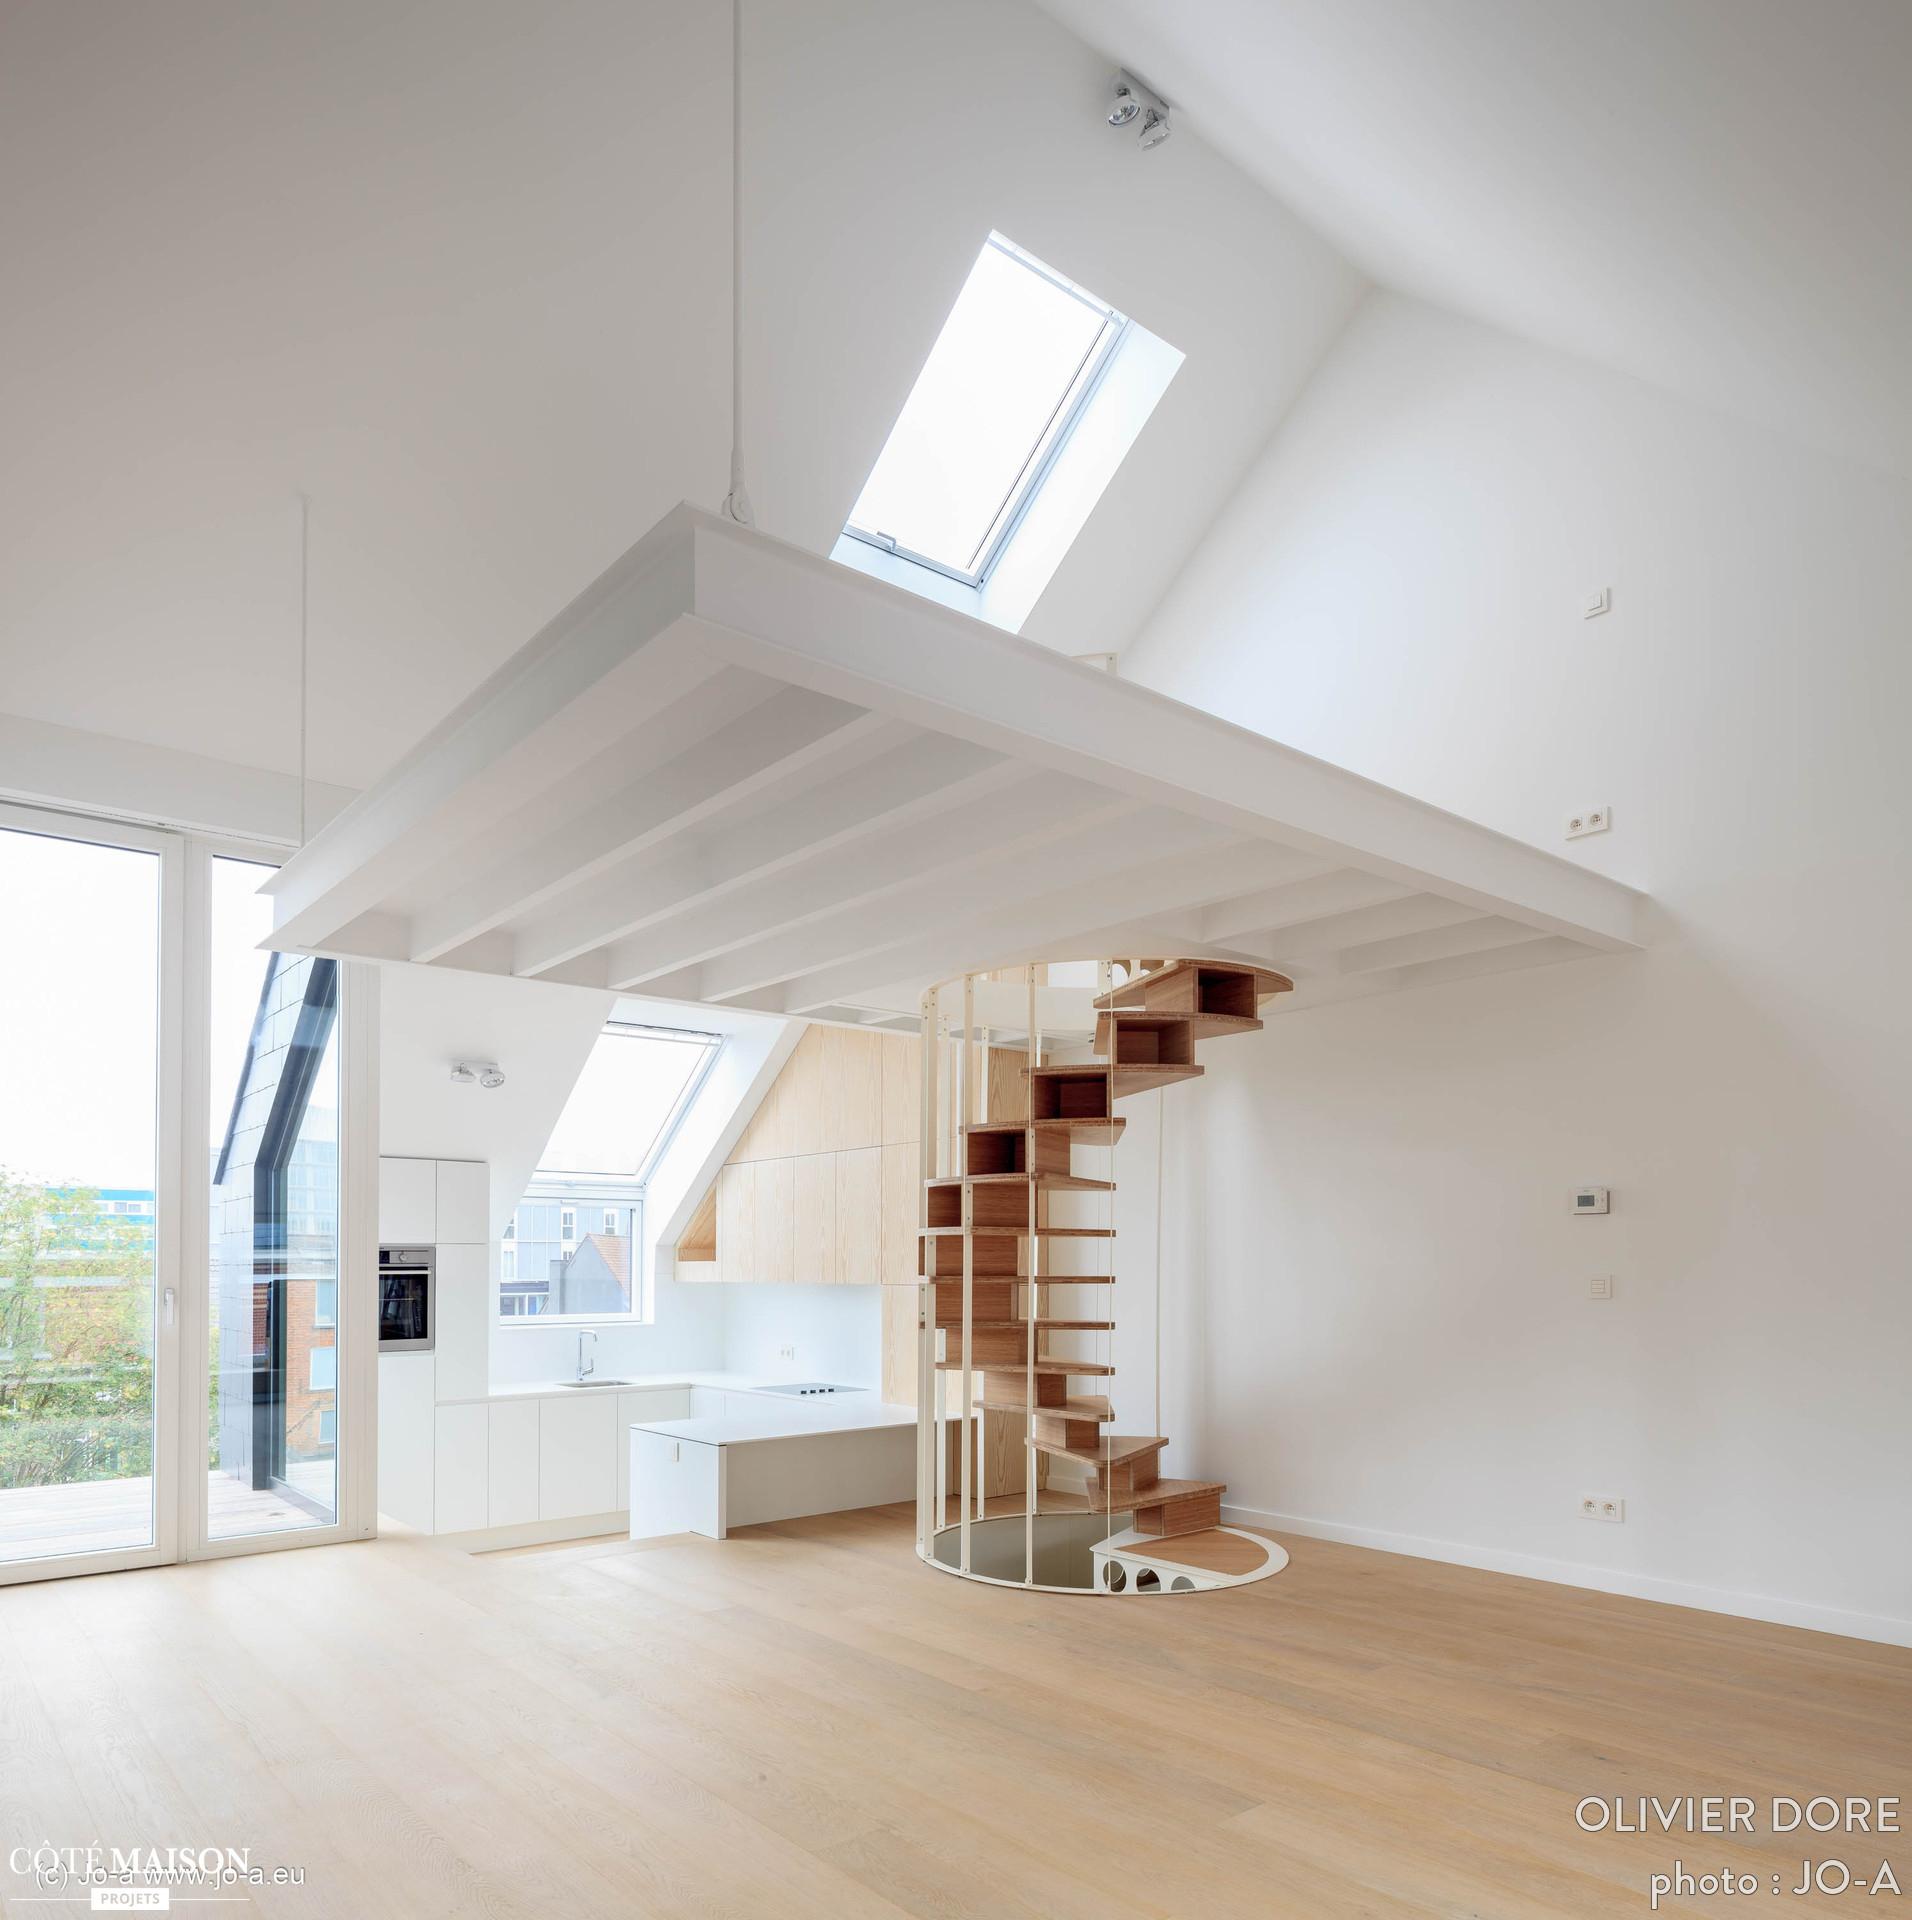 Cote Maison Salle De Bain Beau Images Double Escalier Colima§on Olmo Jo A C´té Maison